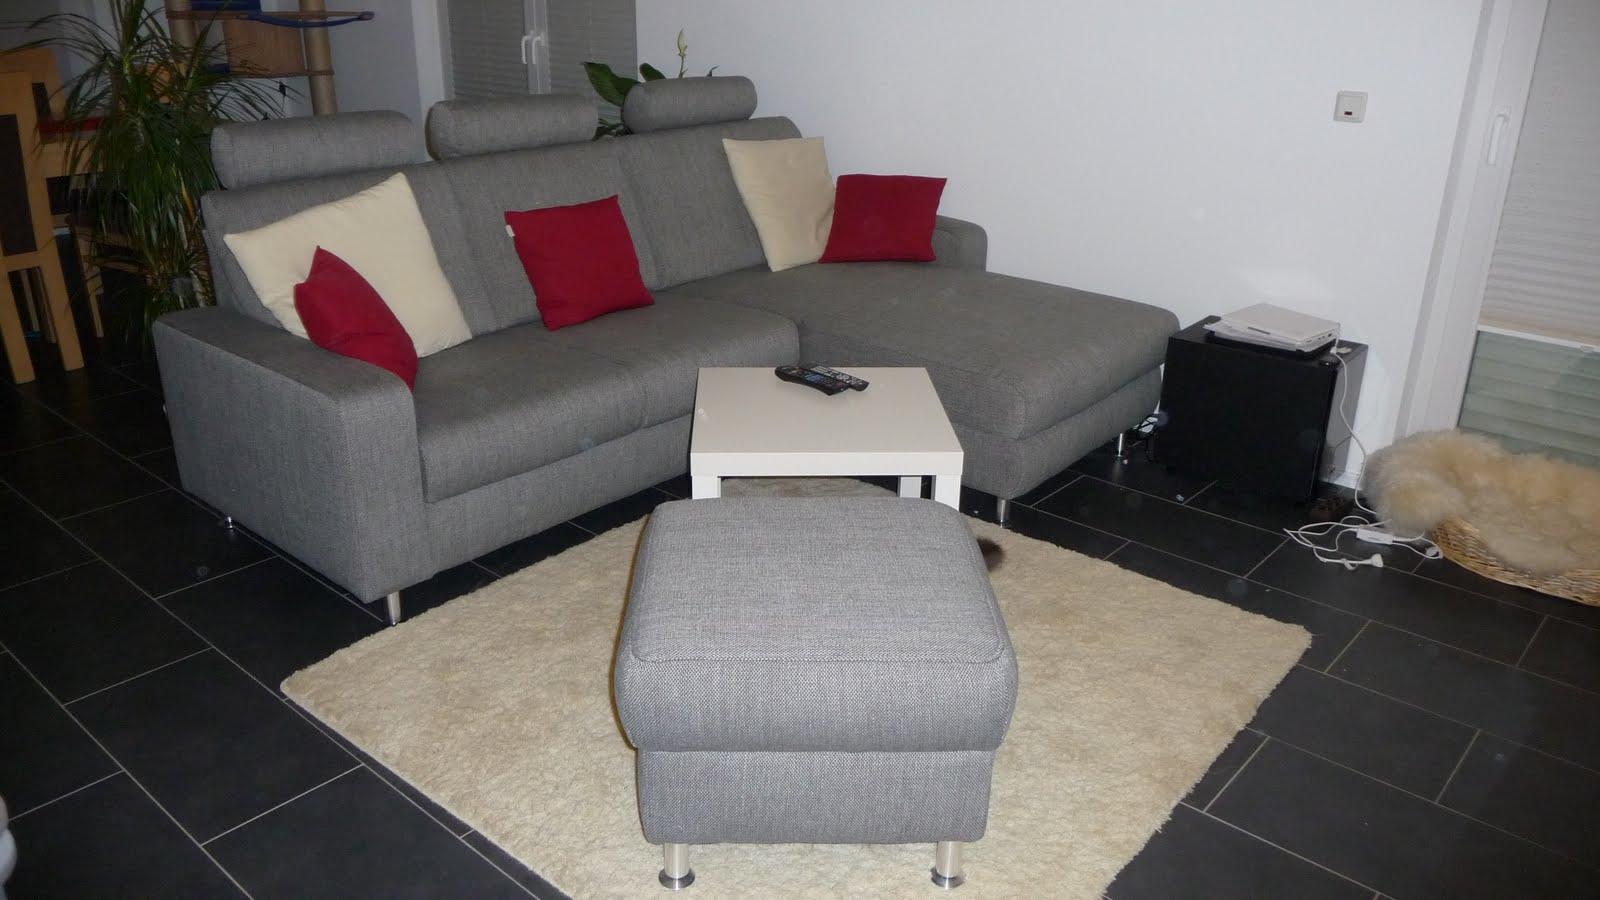 wir bauen mit fingerhaus ein flair 200 november 2010. Black Bedroom Furniture Sets. Home Design Ideas